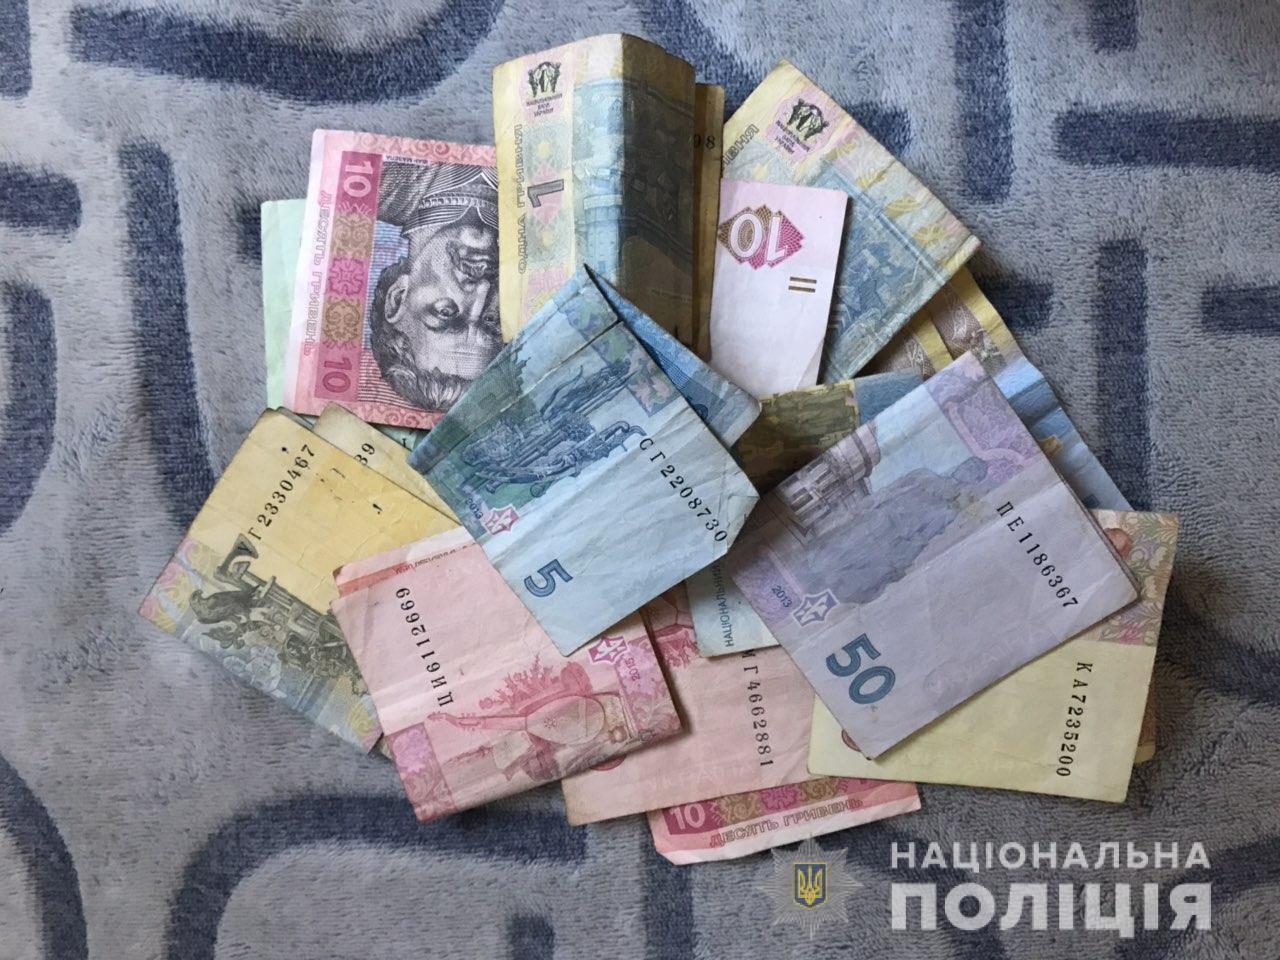 Поліція Ужгородщини затримала чоловіка під час крадіжки з продуктового магазину